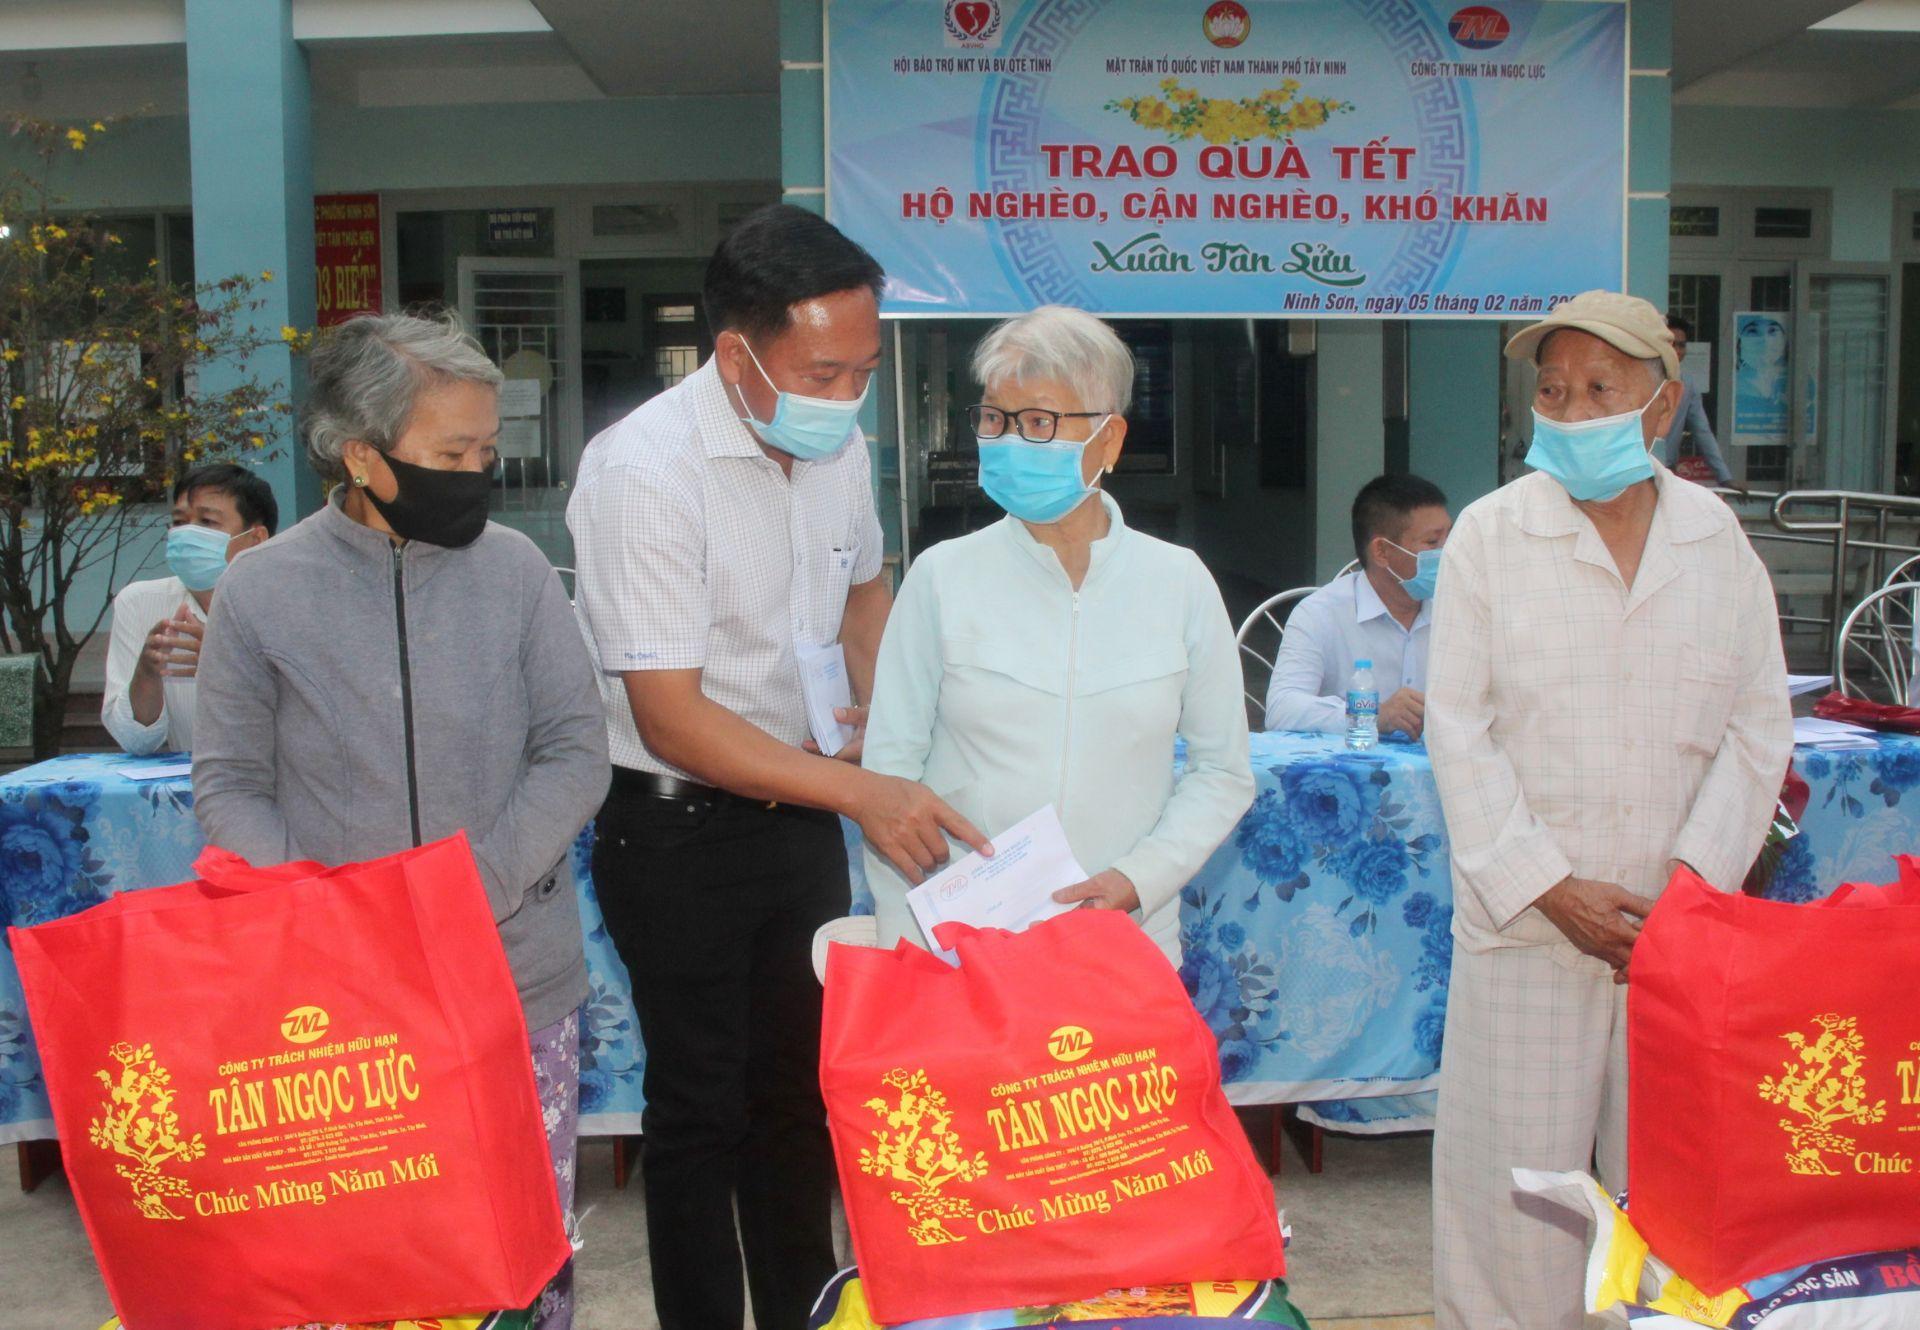 Tỉnh Hội Tây Ninh vận động gần 3,3 tỷ đồng tặng quà cho đối tượng có hoàn cảnh đặc biệt trong dịp Tết